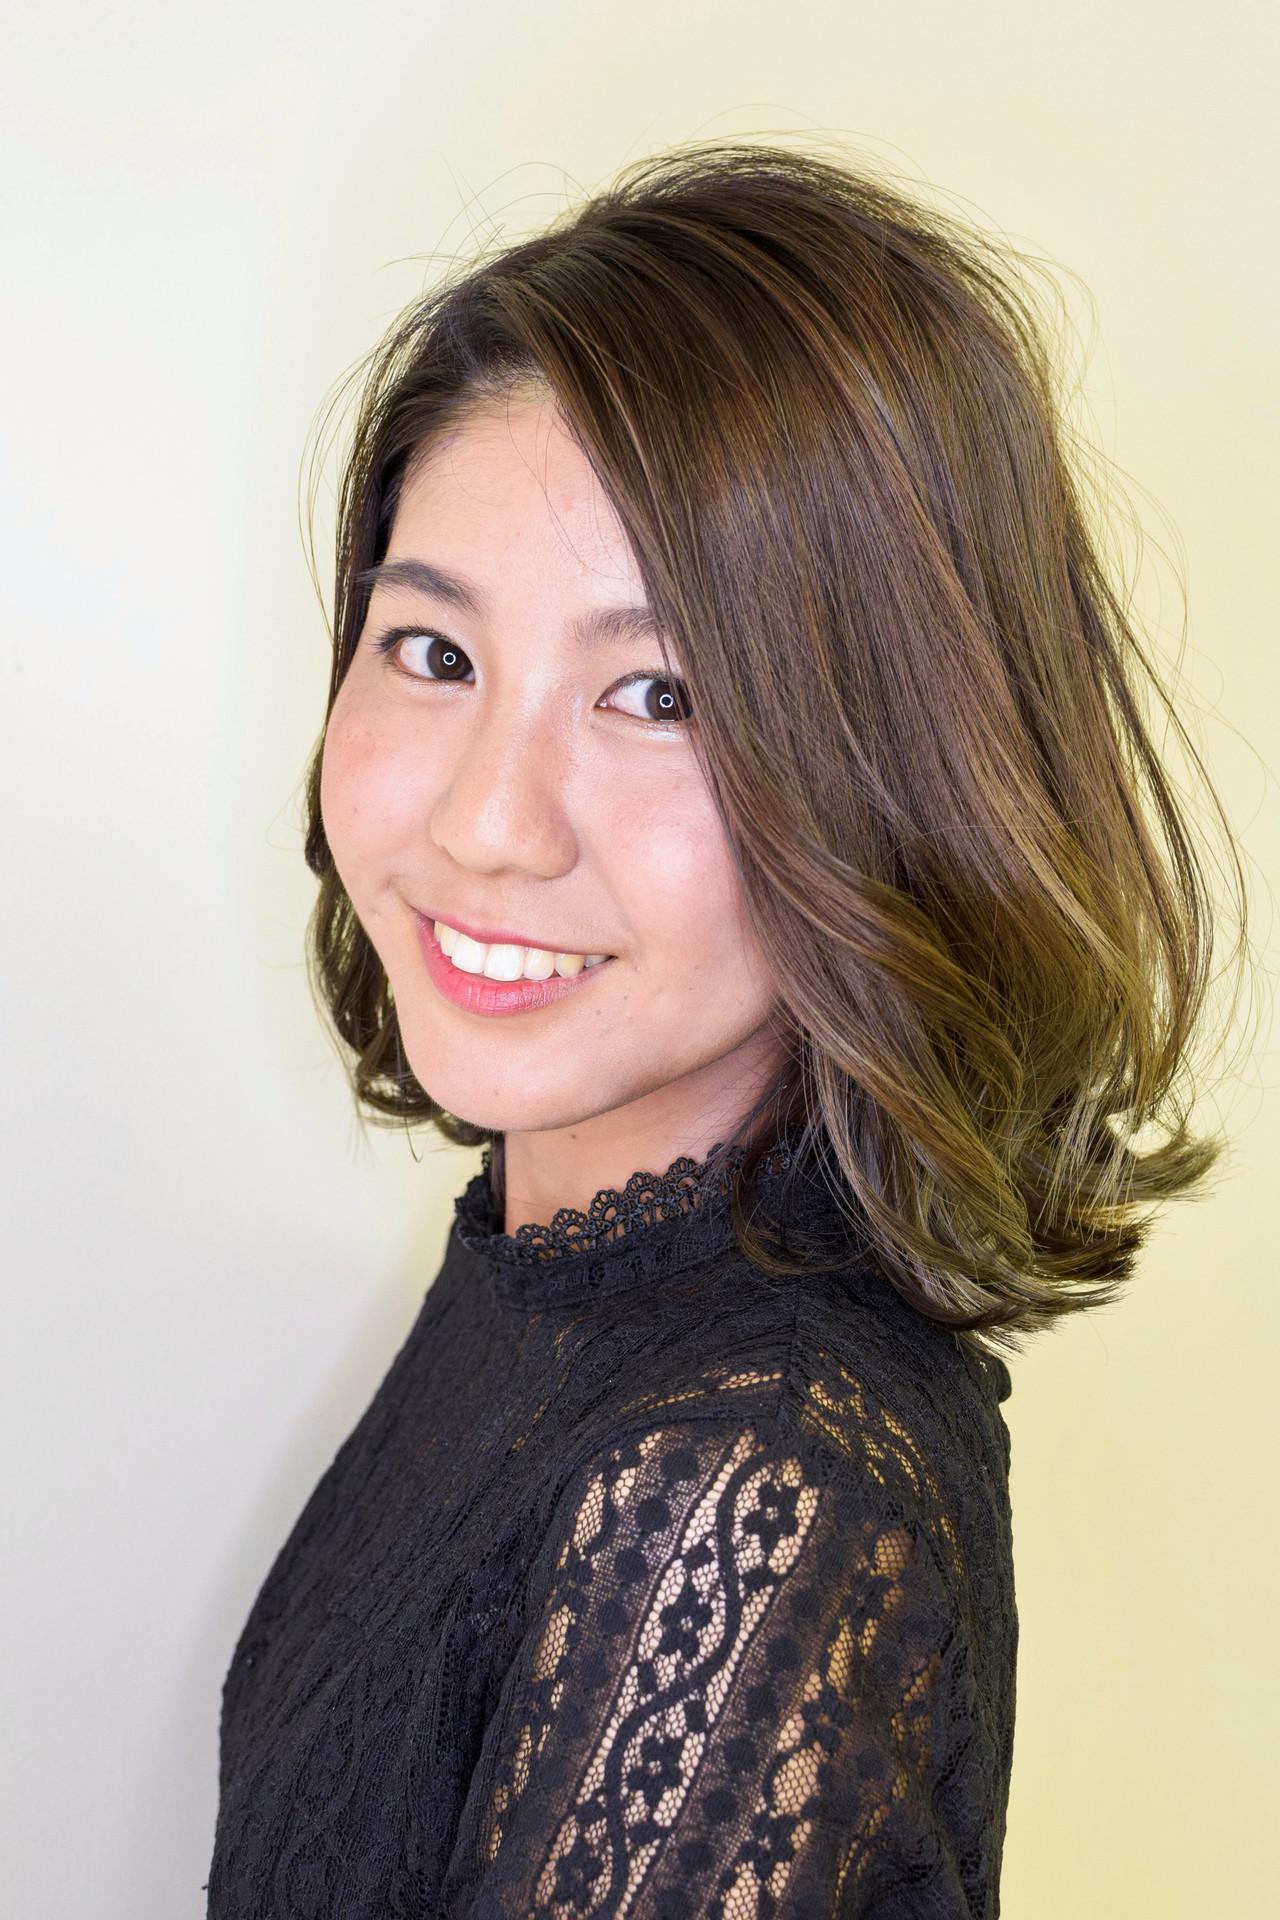 グレージュ 透明感カラー バレイヤージュ 大人かわいい ヘアスタイルや髪型の写真・画像